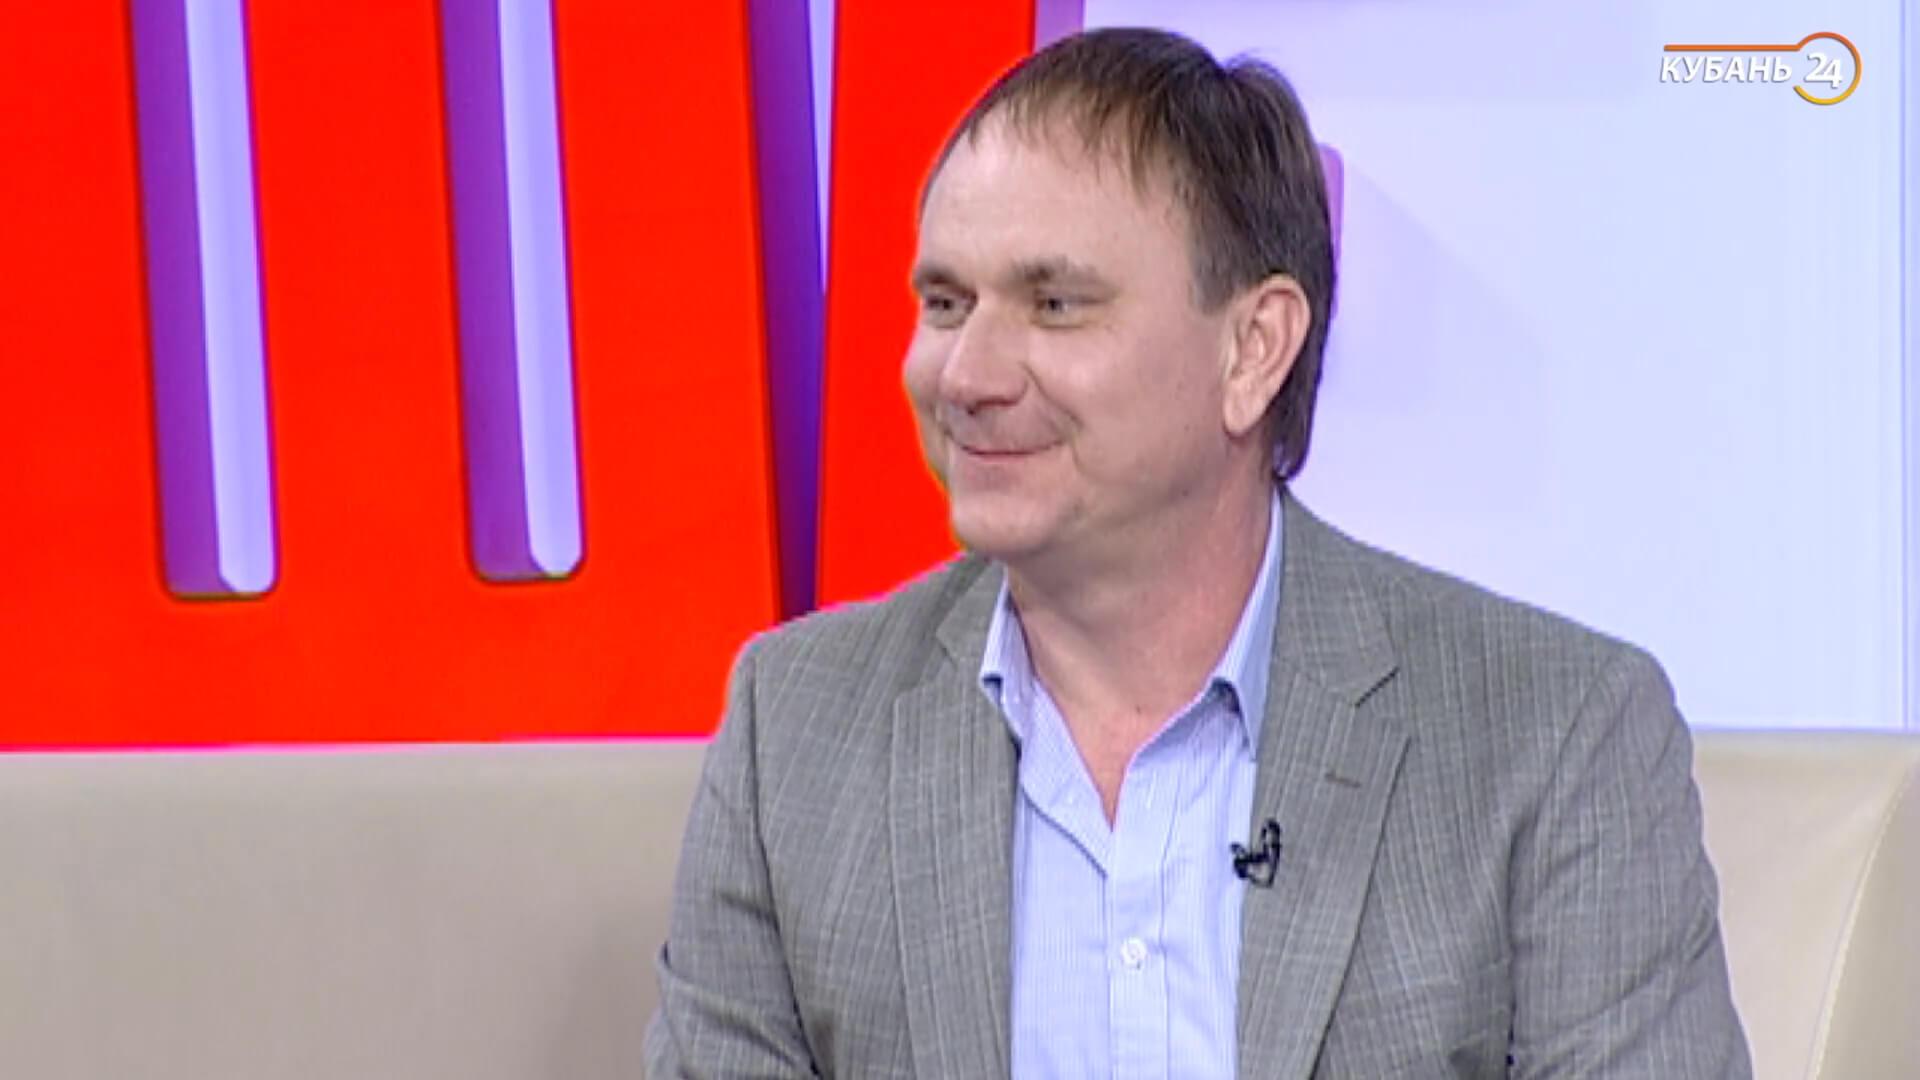 Инфекционист Сергей Зотов: в этом году будет использоваться 4-валентная вакцина